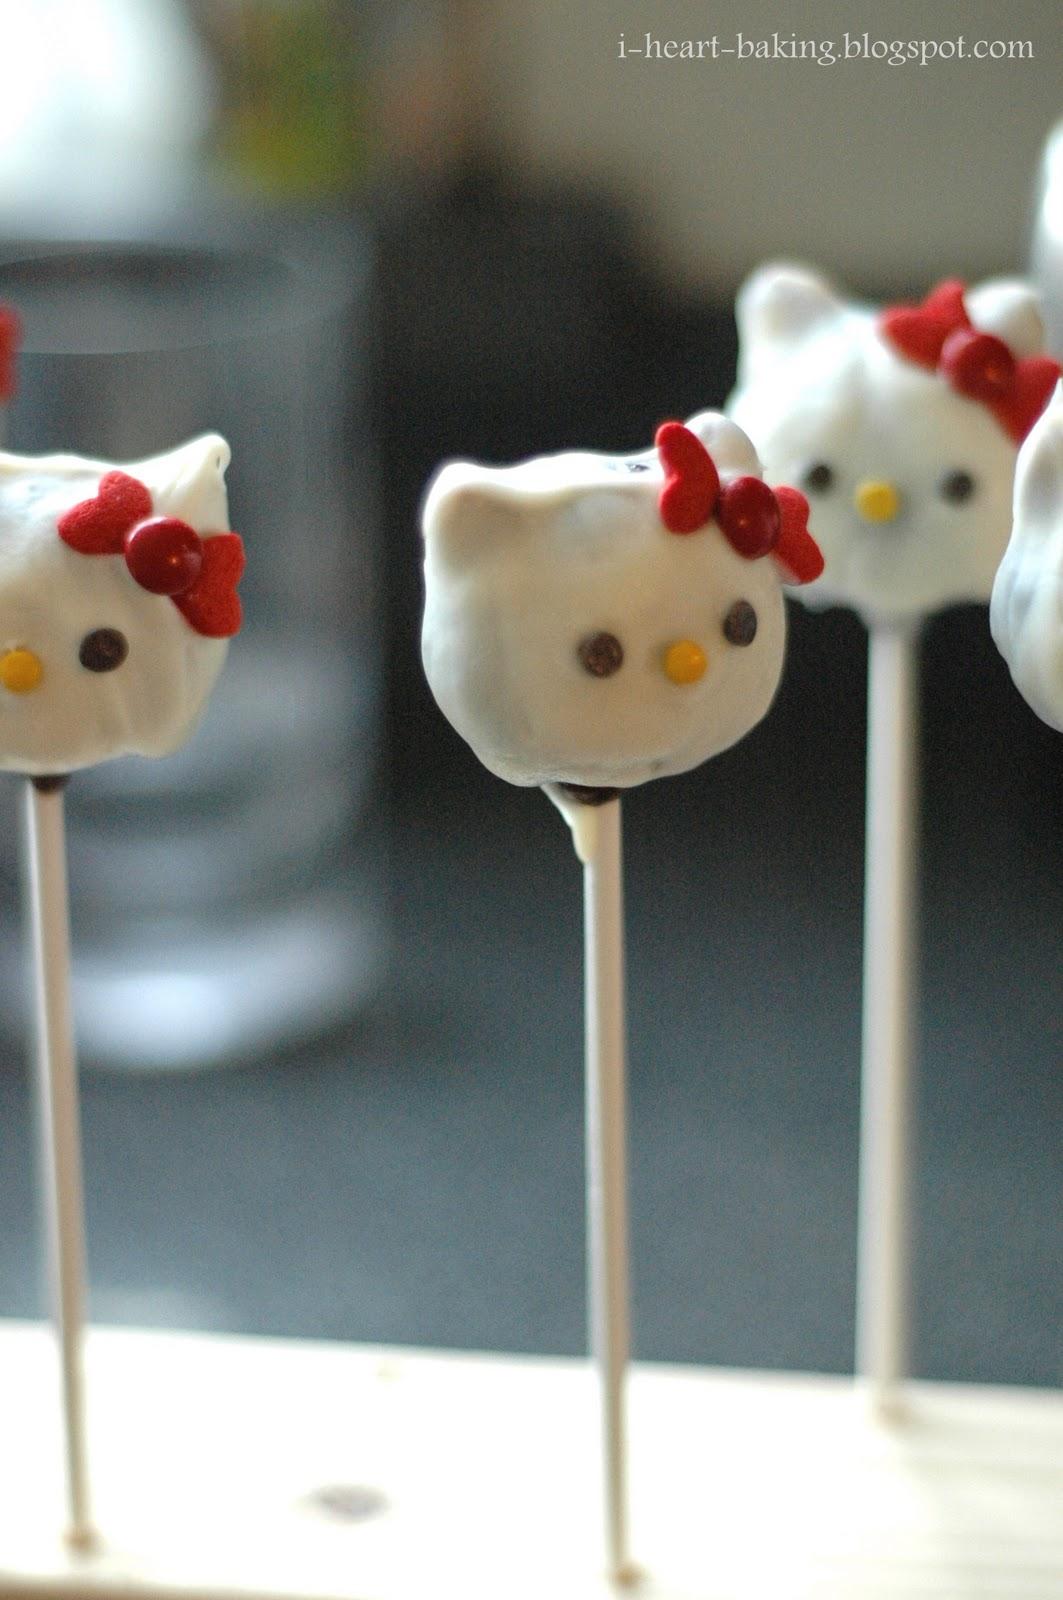 i heart baking!: hello kitty cake pops